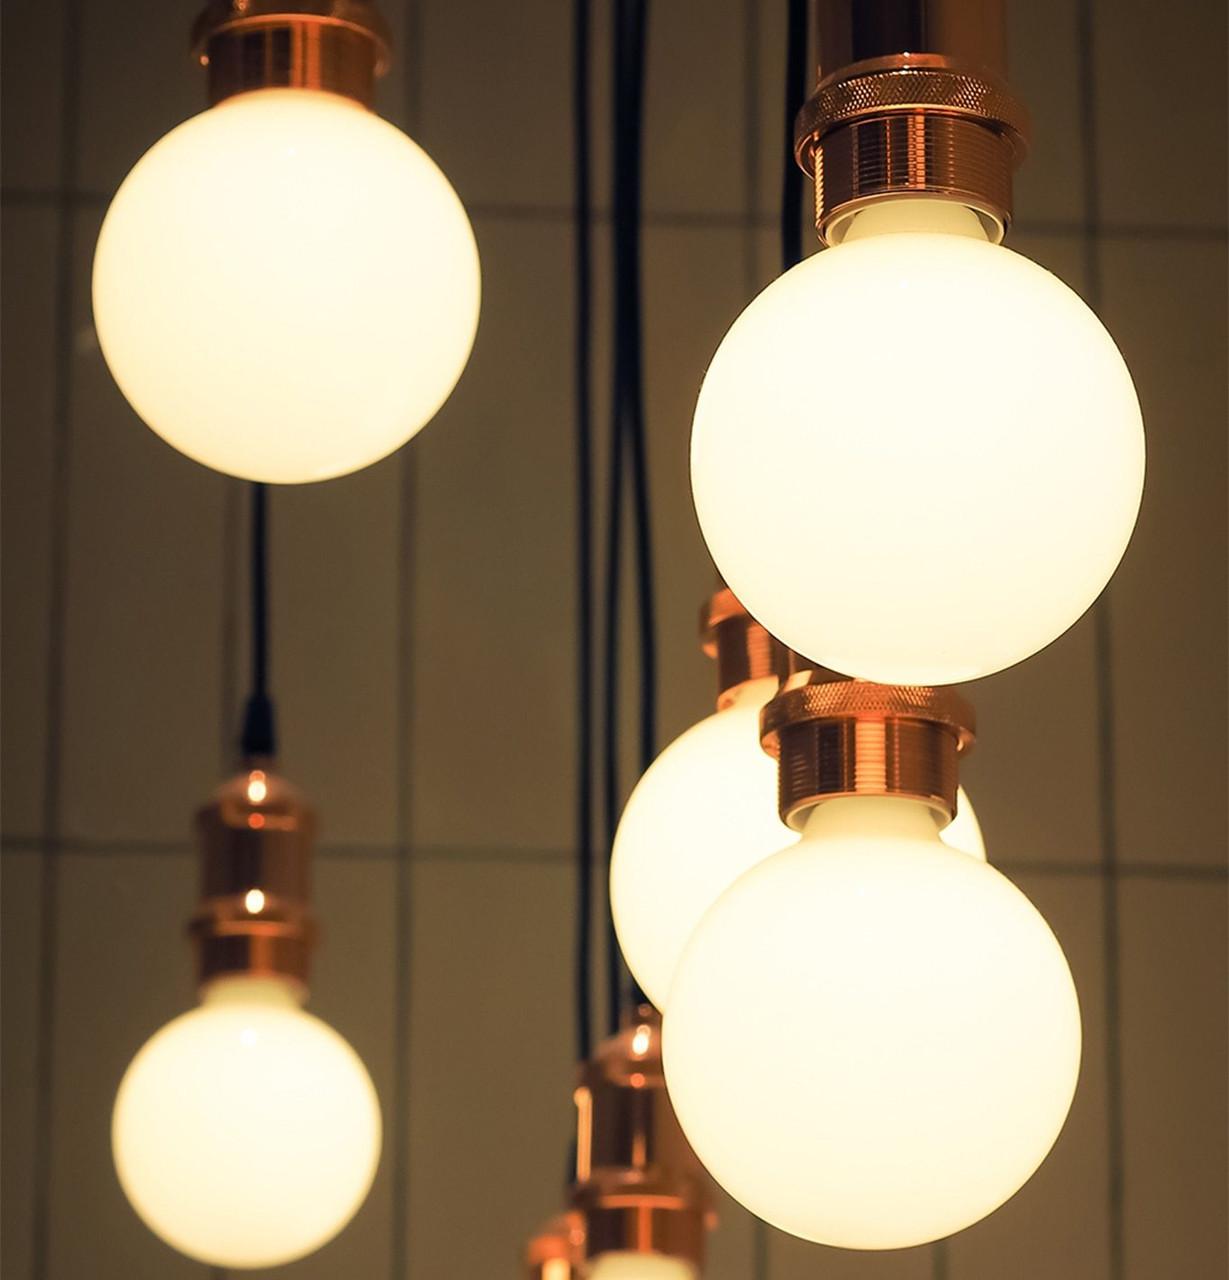 LED G80 B22 Light Bulbs